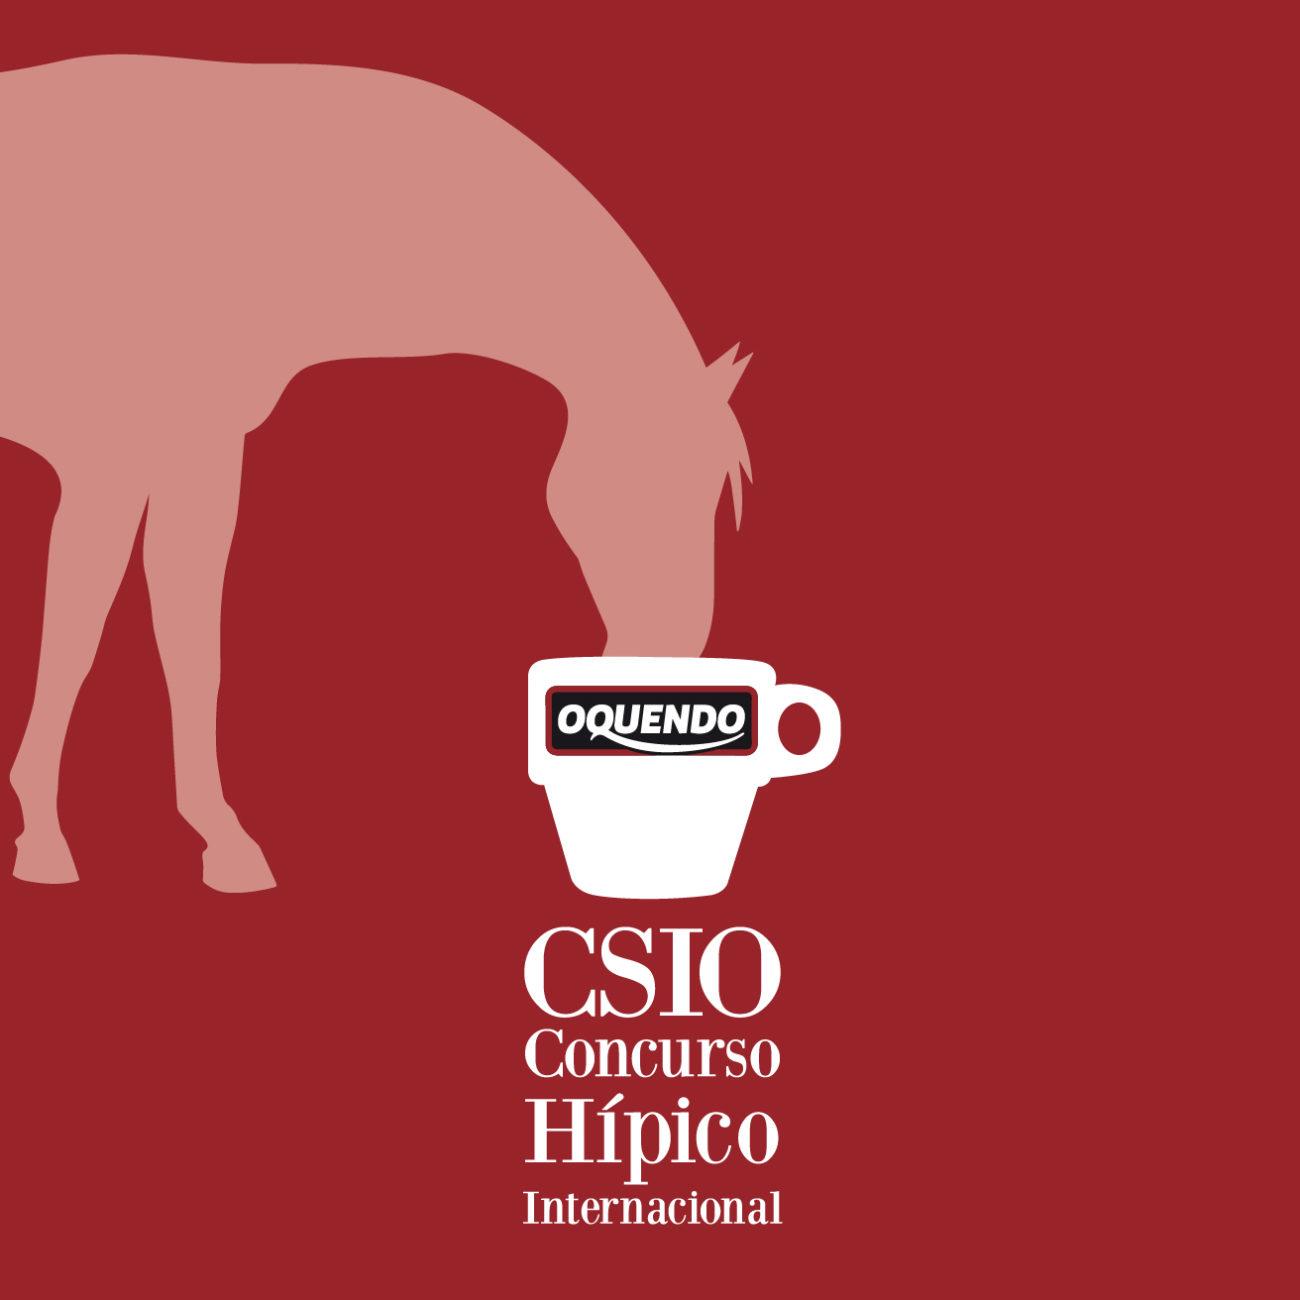 Cafés Oquendo, el aroma del 'Hípico' de Gijón